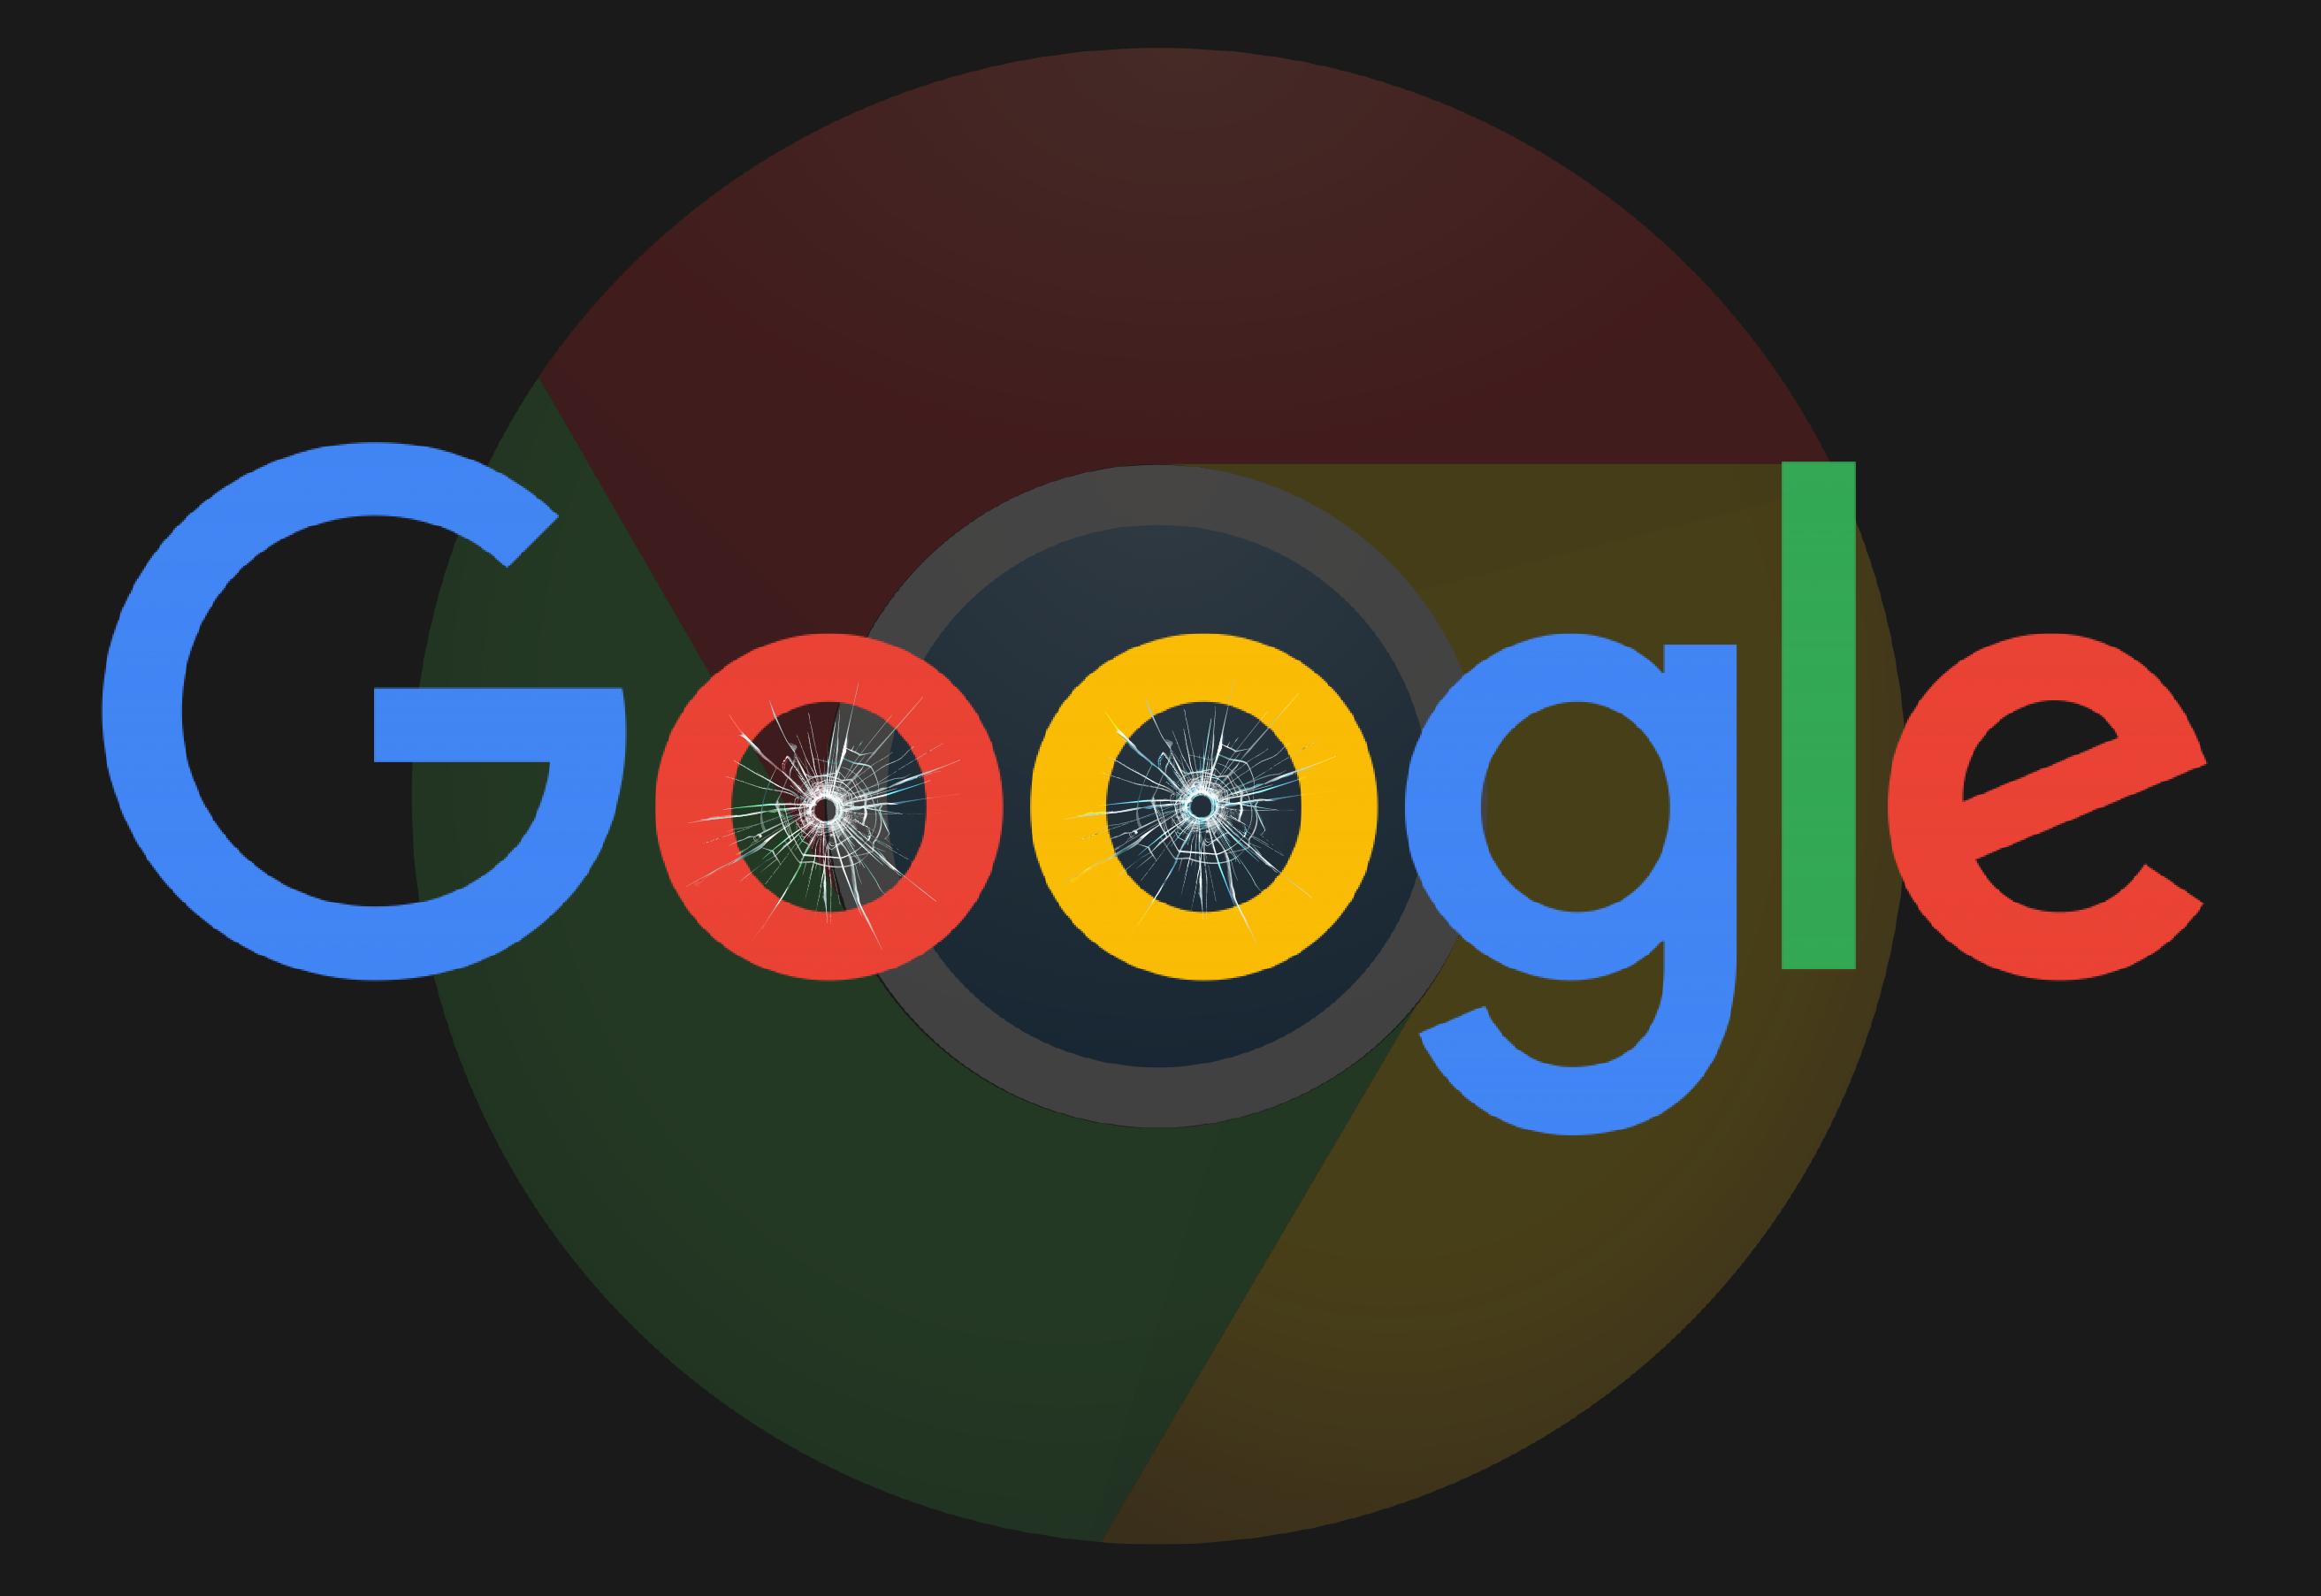 Chrome перестанет поддерживать расширения Manifest V2 с января 2023 года